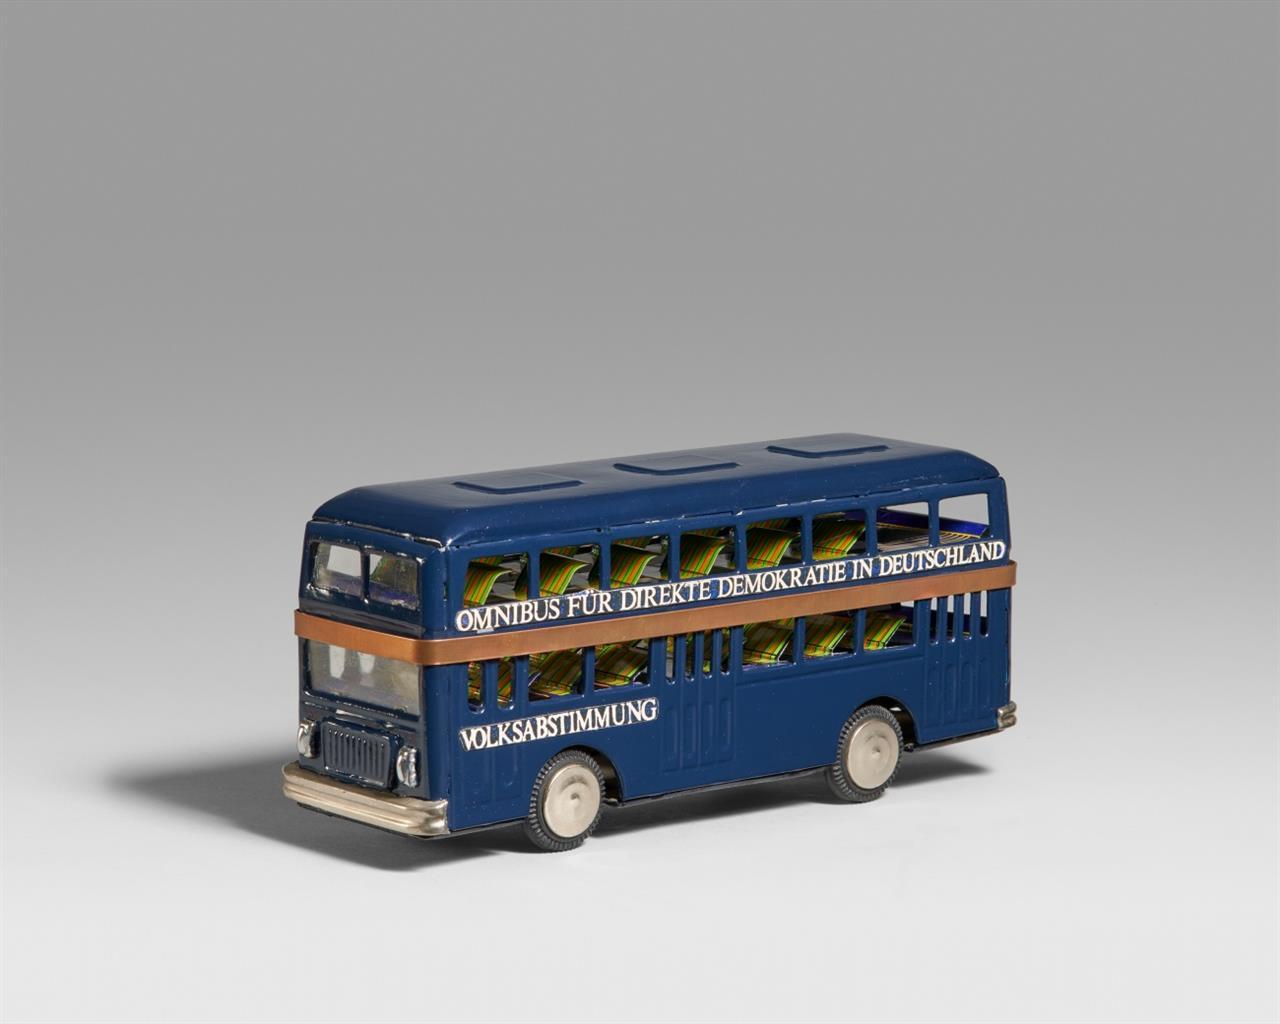 Walther Dahn, Felix Droese, u.a. Omnibus für direkte Demokratie. 1990/91. Multiple, bearbeiteter Spielzeugbus, mit Heft, in Verpackungskarton. Signiert. Ex. 47 von etwa 70 Exemplaren.